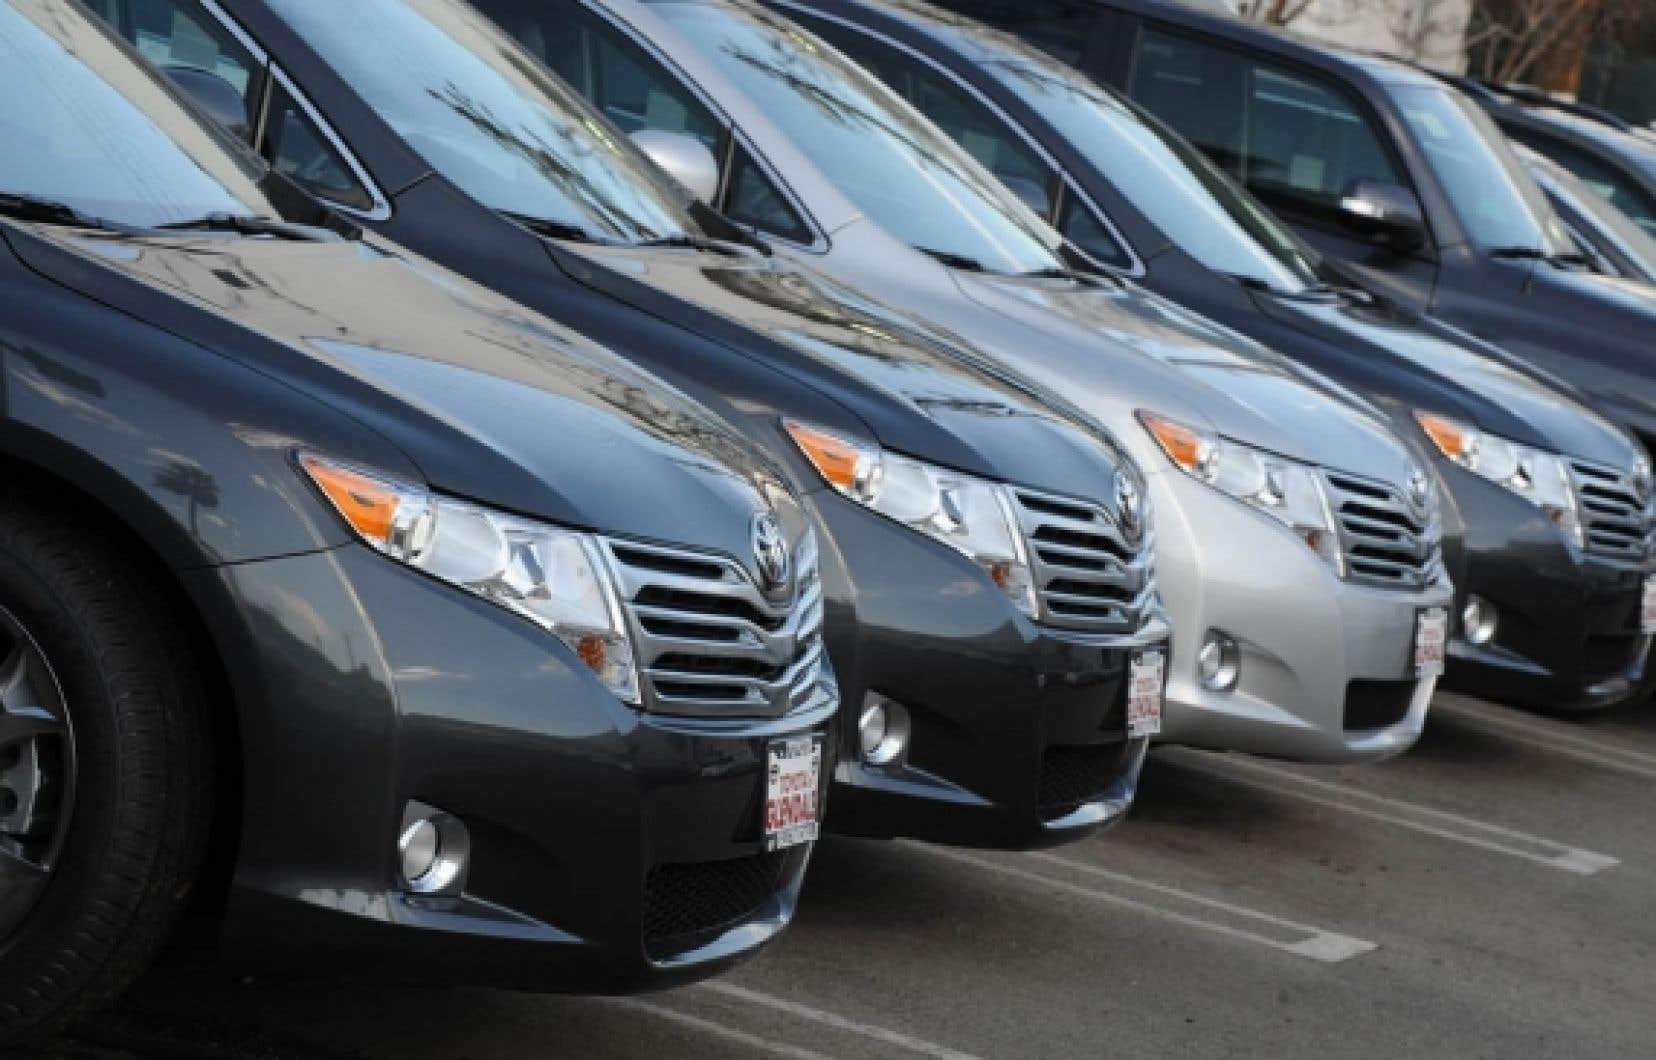 Au États-Unis, le prix des Toyota d'occasion aurait chuté de 3,5 % et pourrait plonger jusqu'à 6 %.